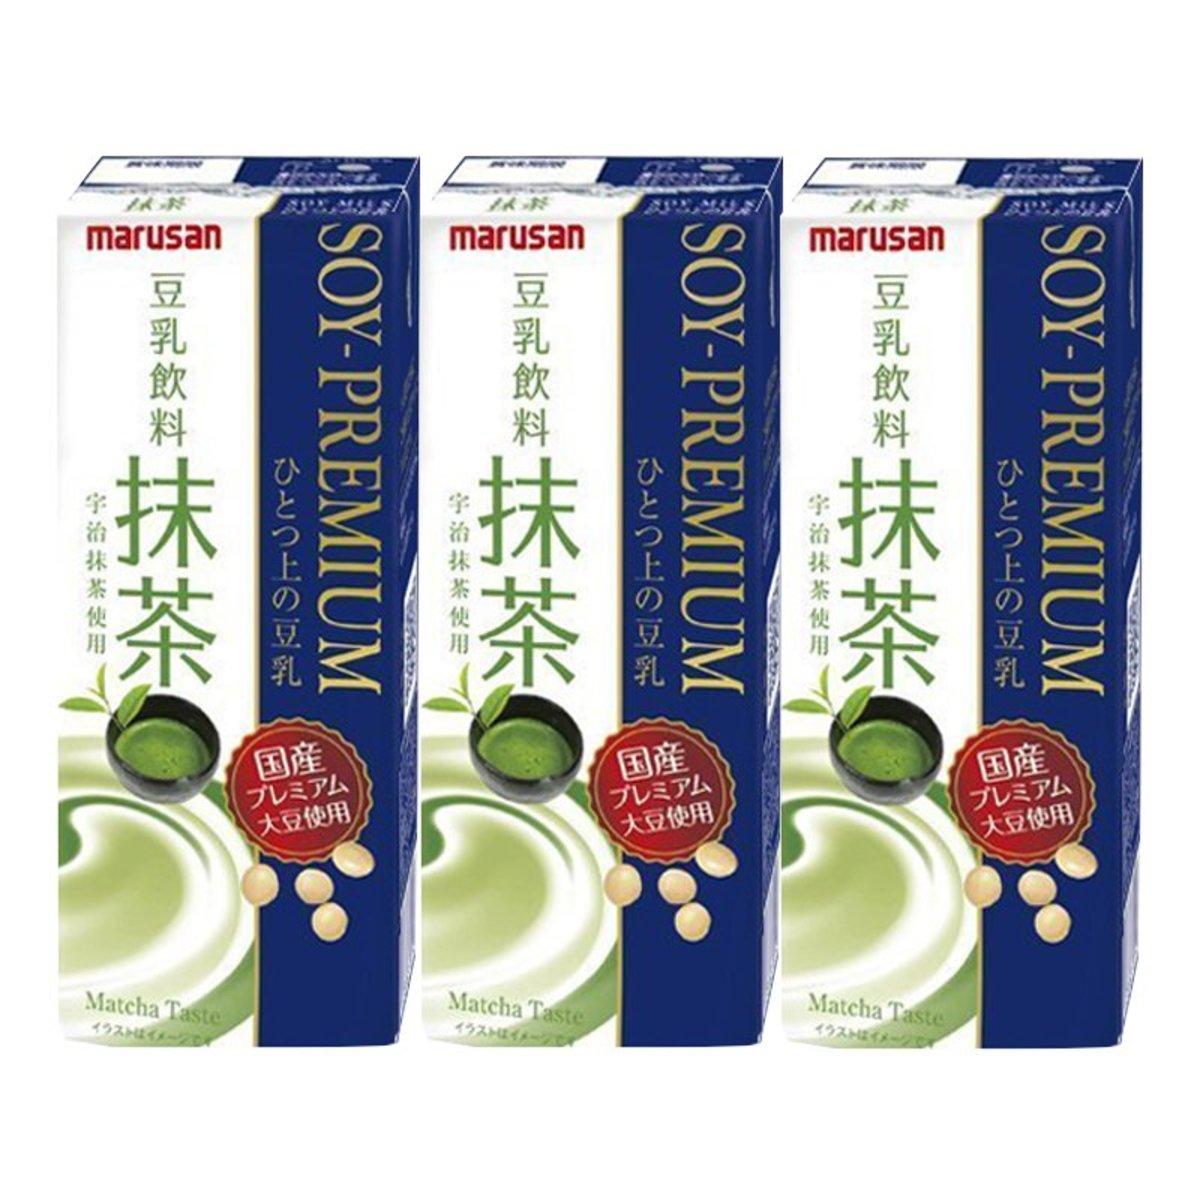 Marusan抹茶味高級豆乳200ml x 3